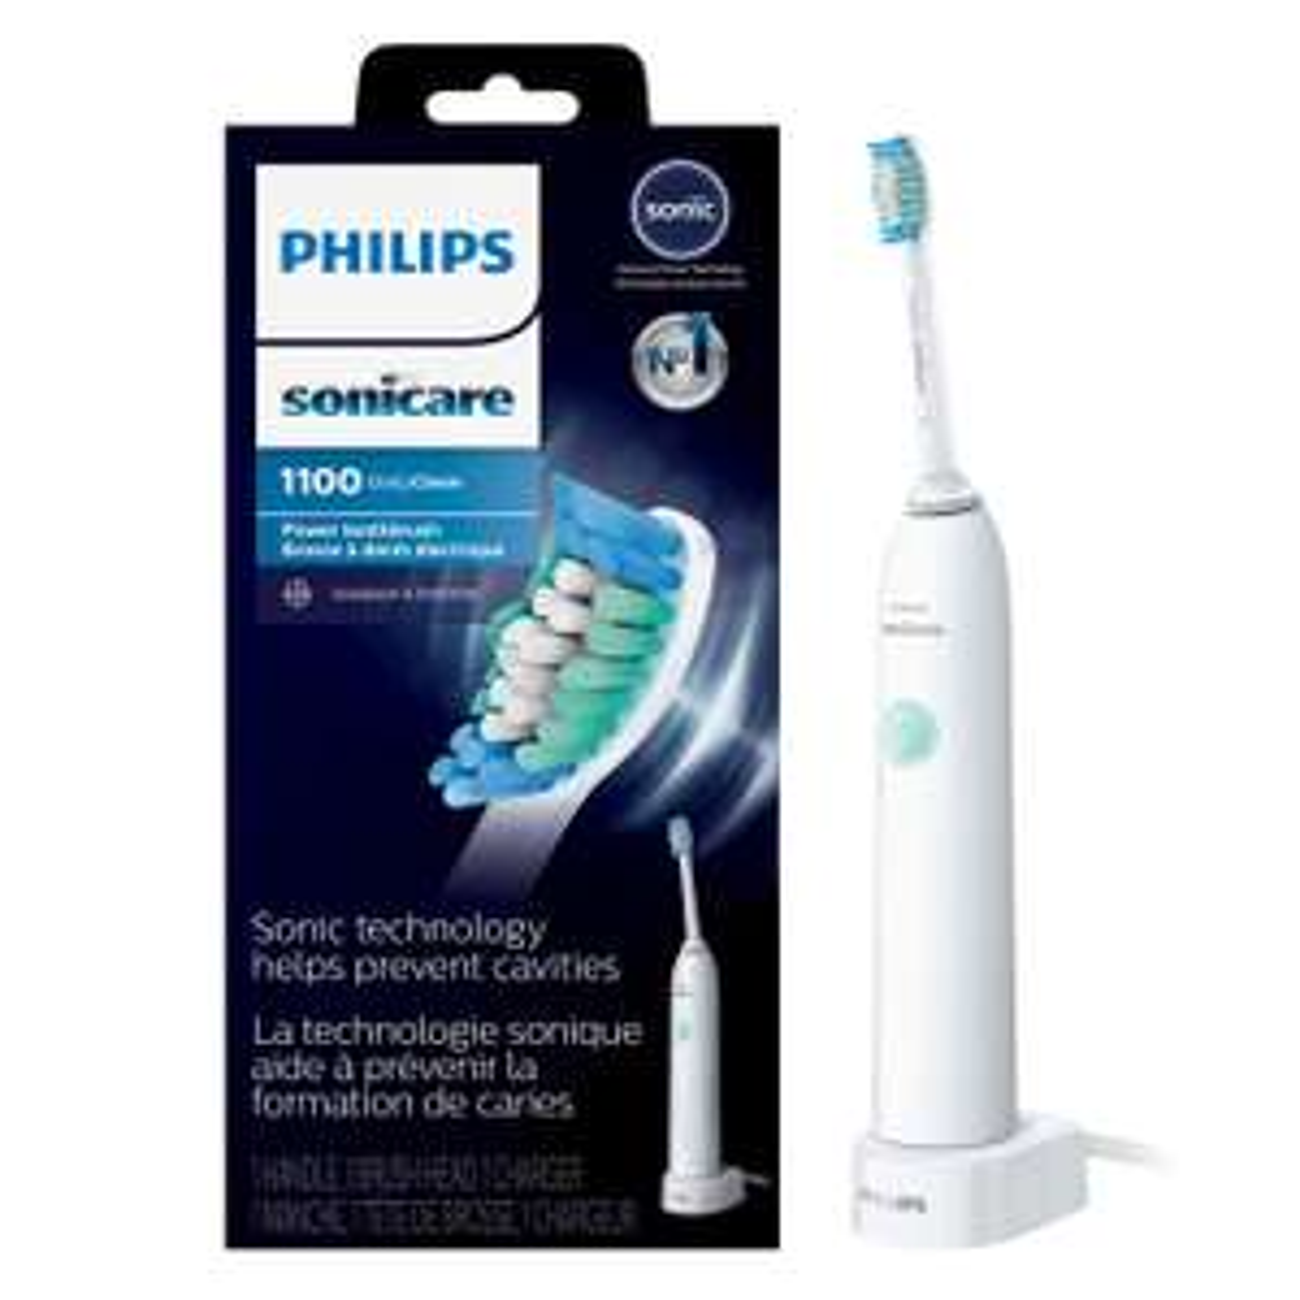 Brosse à dents électrique Philips Sonicare DailyClean 1100 (via 14.95€ sur la carte de fidélité)